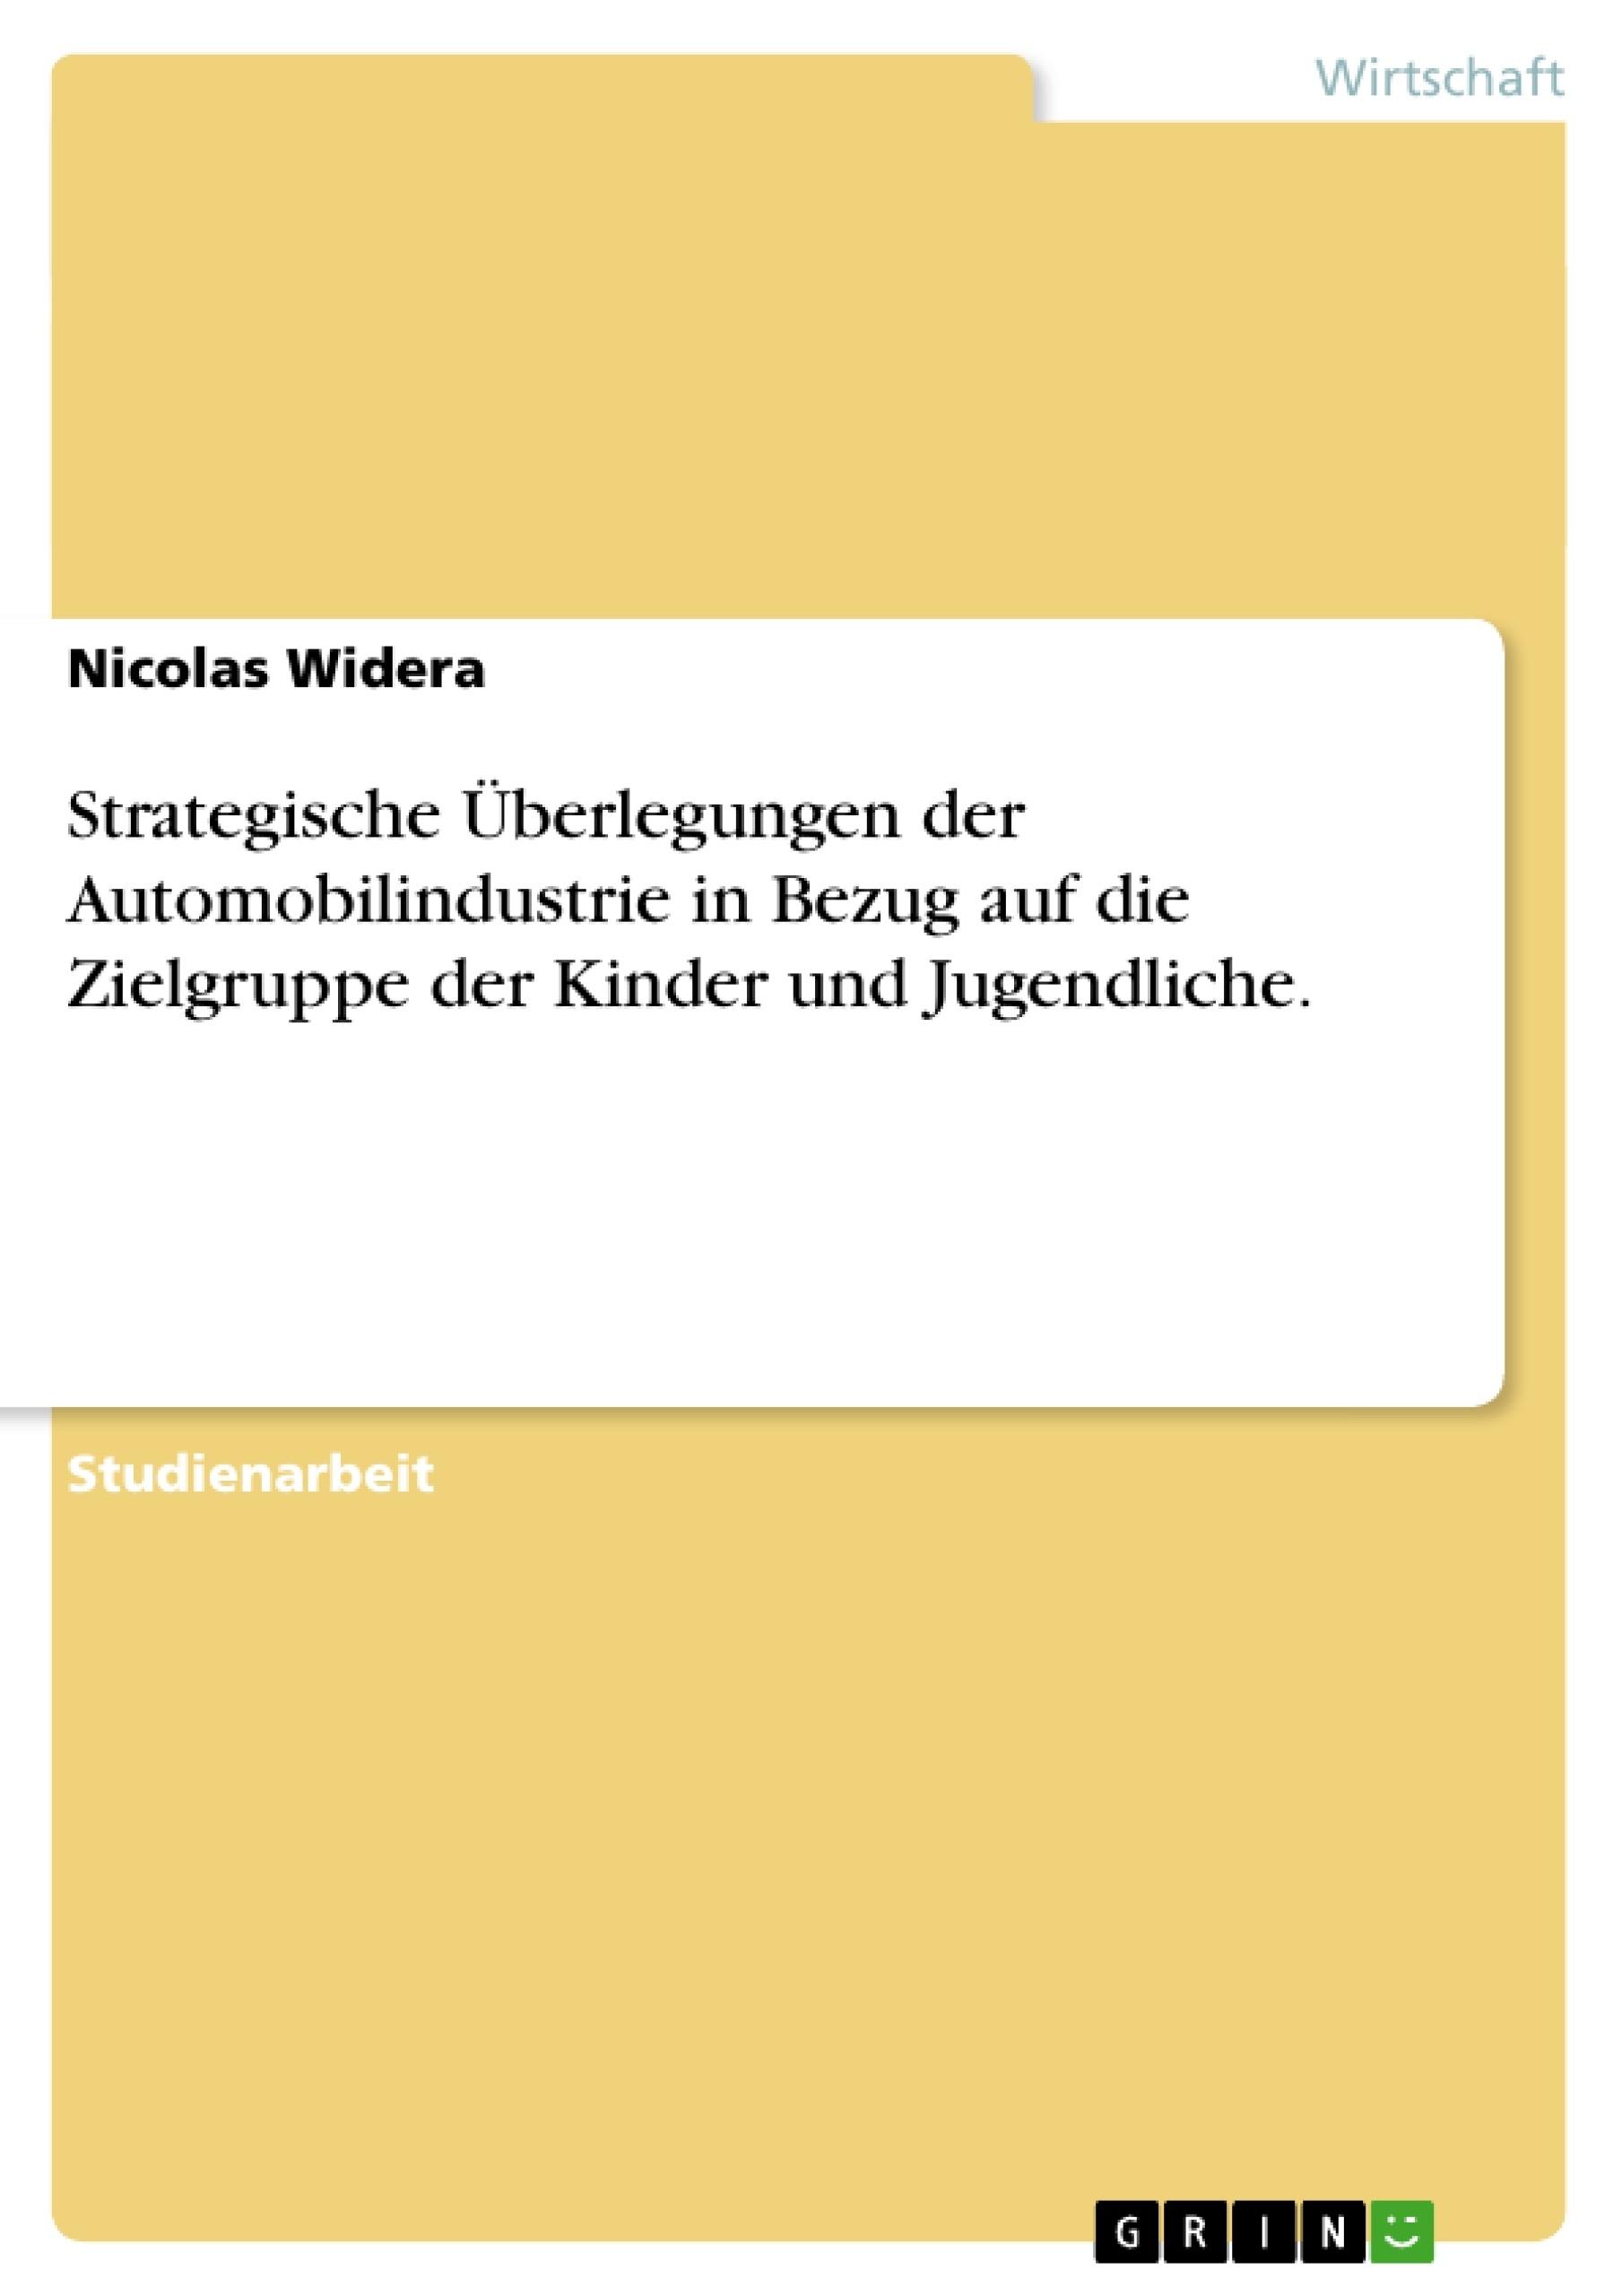 Titel: Strategische Überlegungen der Automobilindustrie in Bezug auf die Zielgruppe der Kinder und Jugendliche.